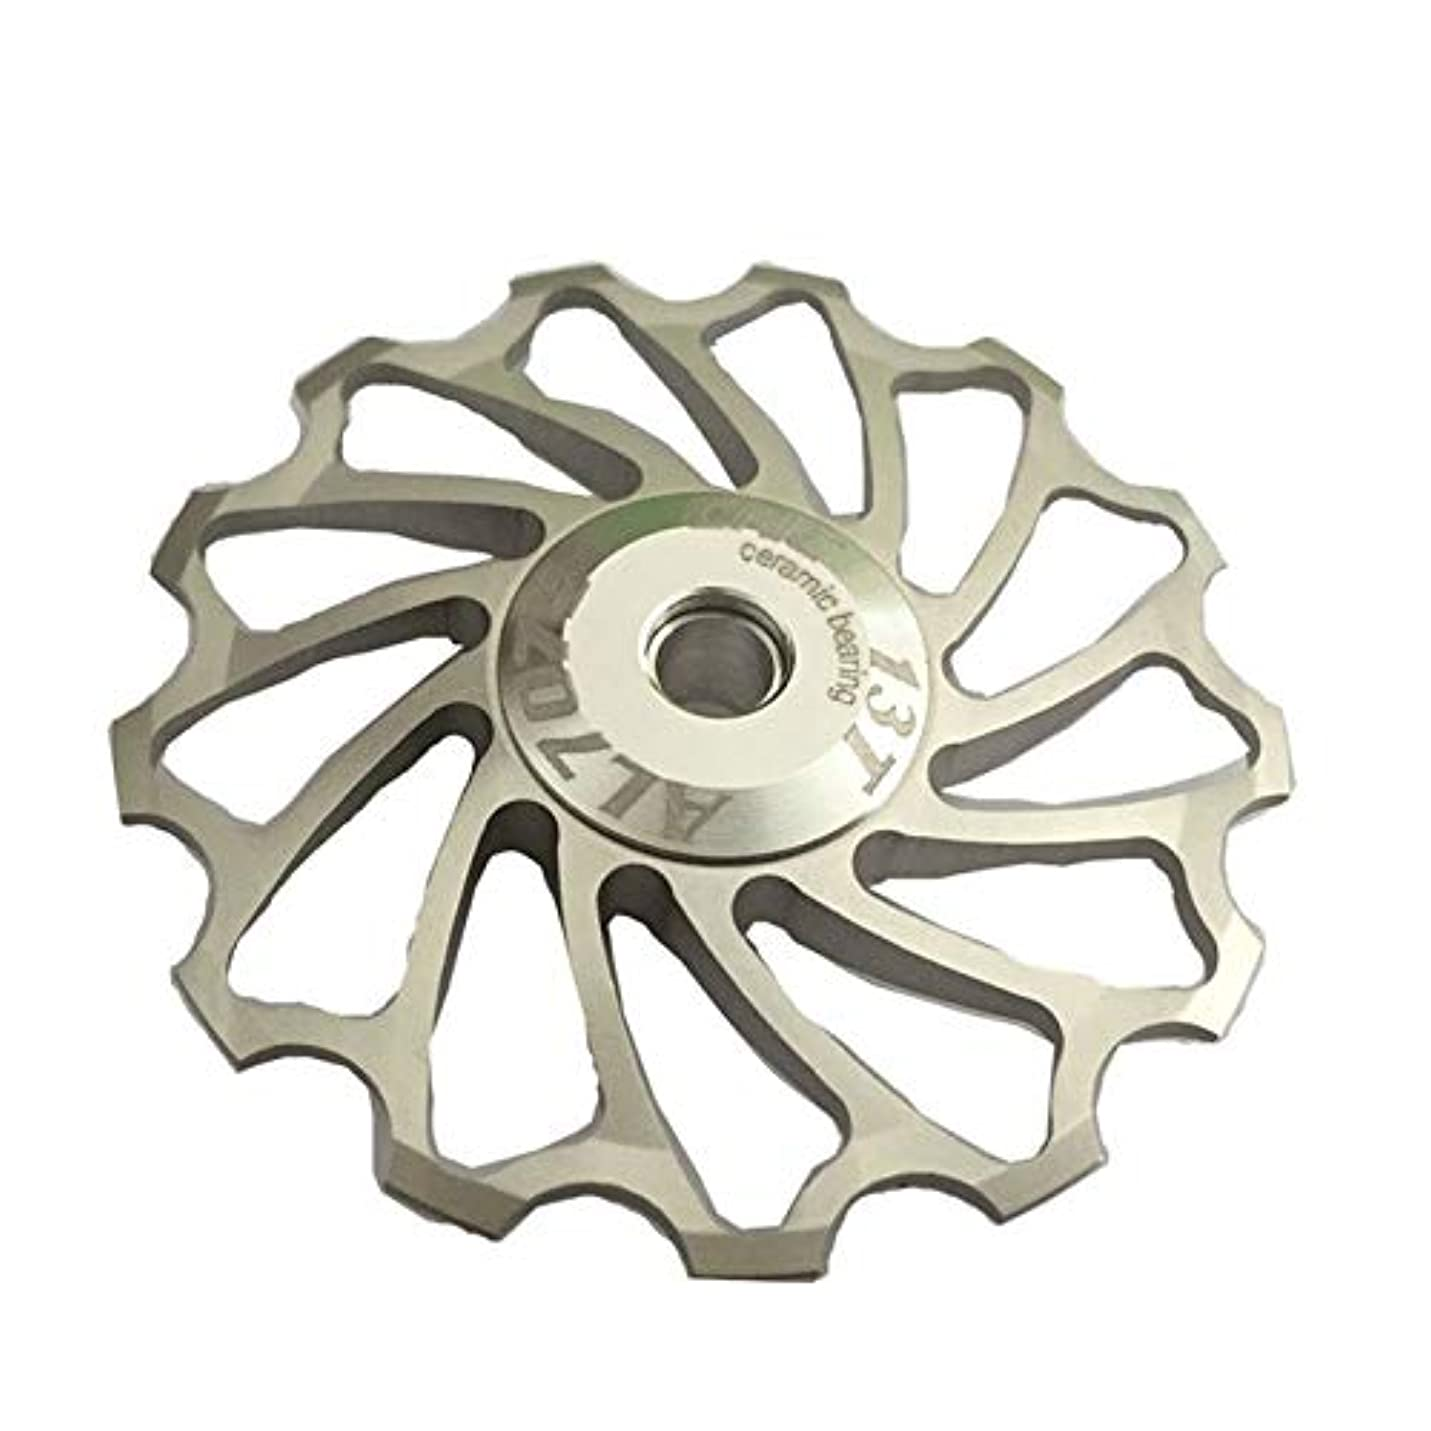 失望させる警察署矢印Propenary - Cycling bike ceramics Jockey Wheel Rear Derailleur Pulley 13T 7075 Aluminum alloy bicycle guide pulley bearing bicycle parts [ Silver ]